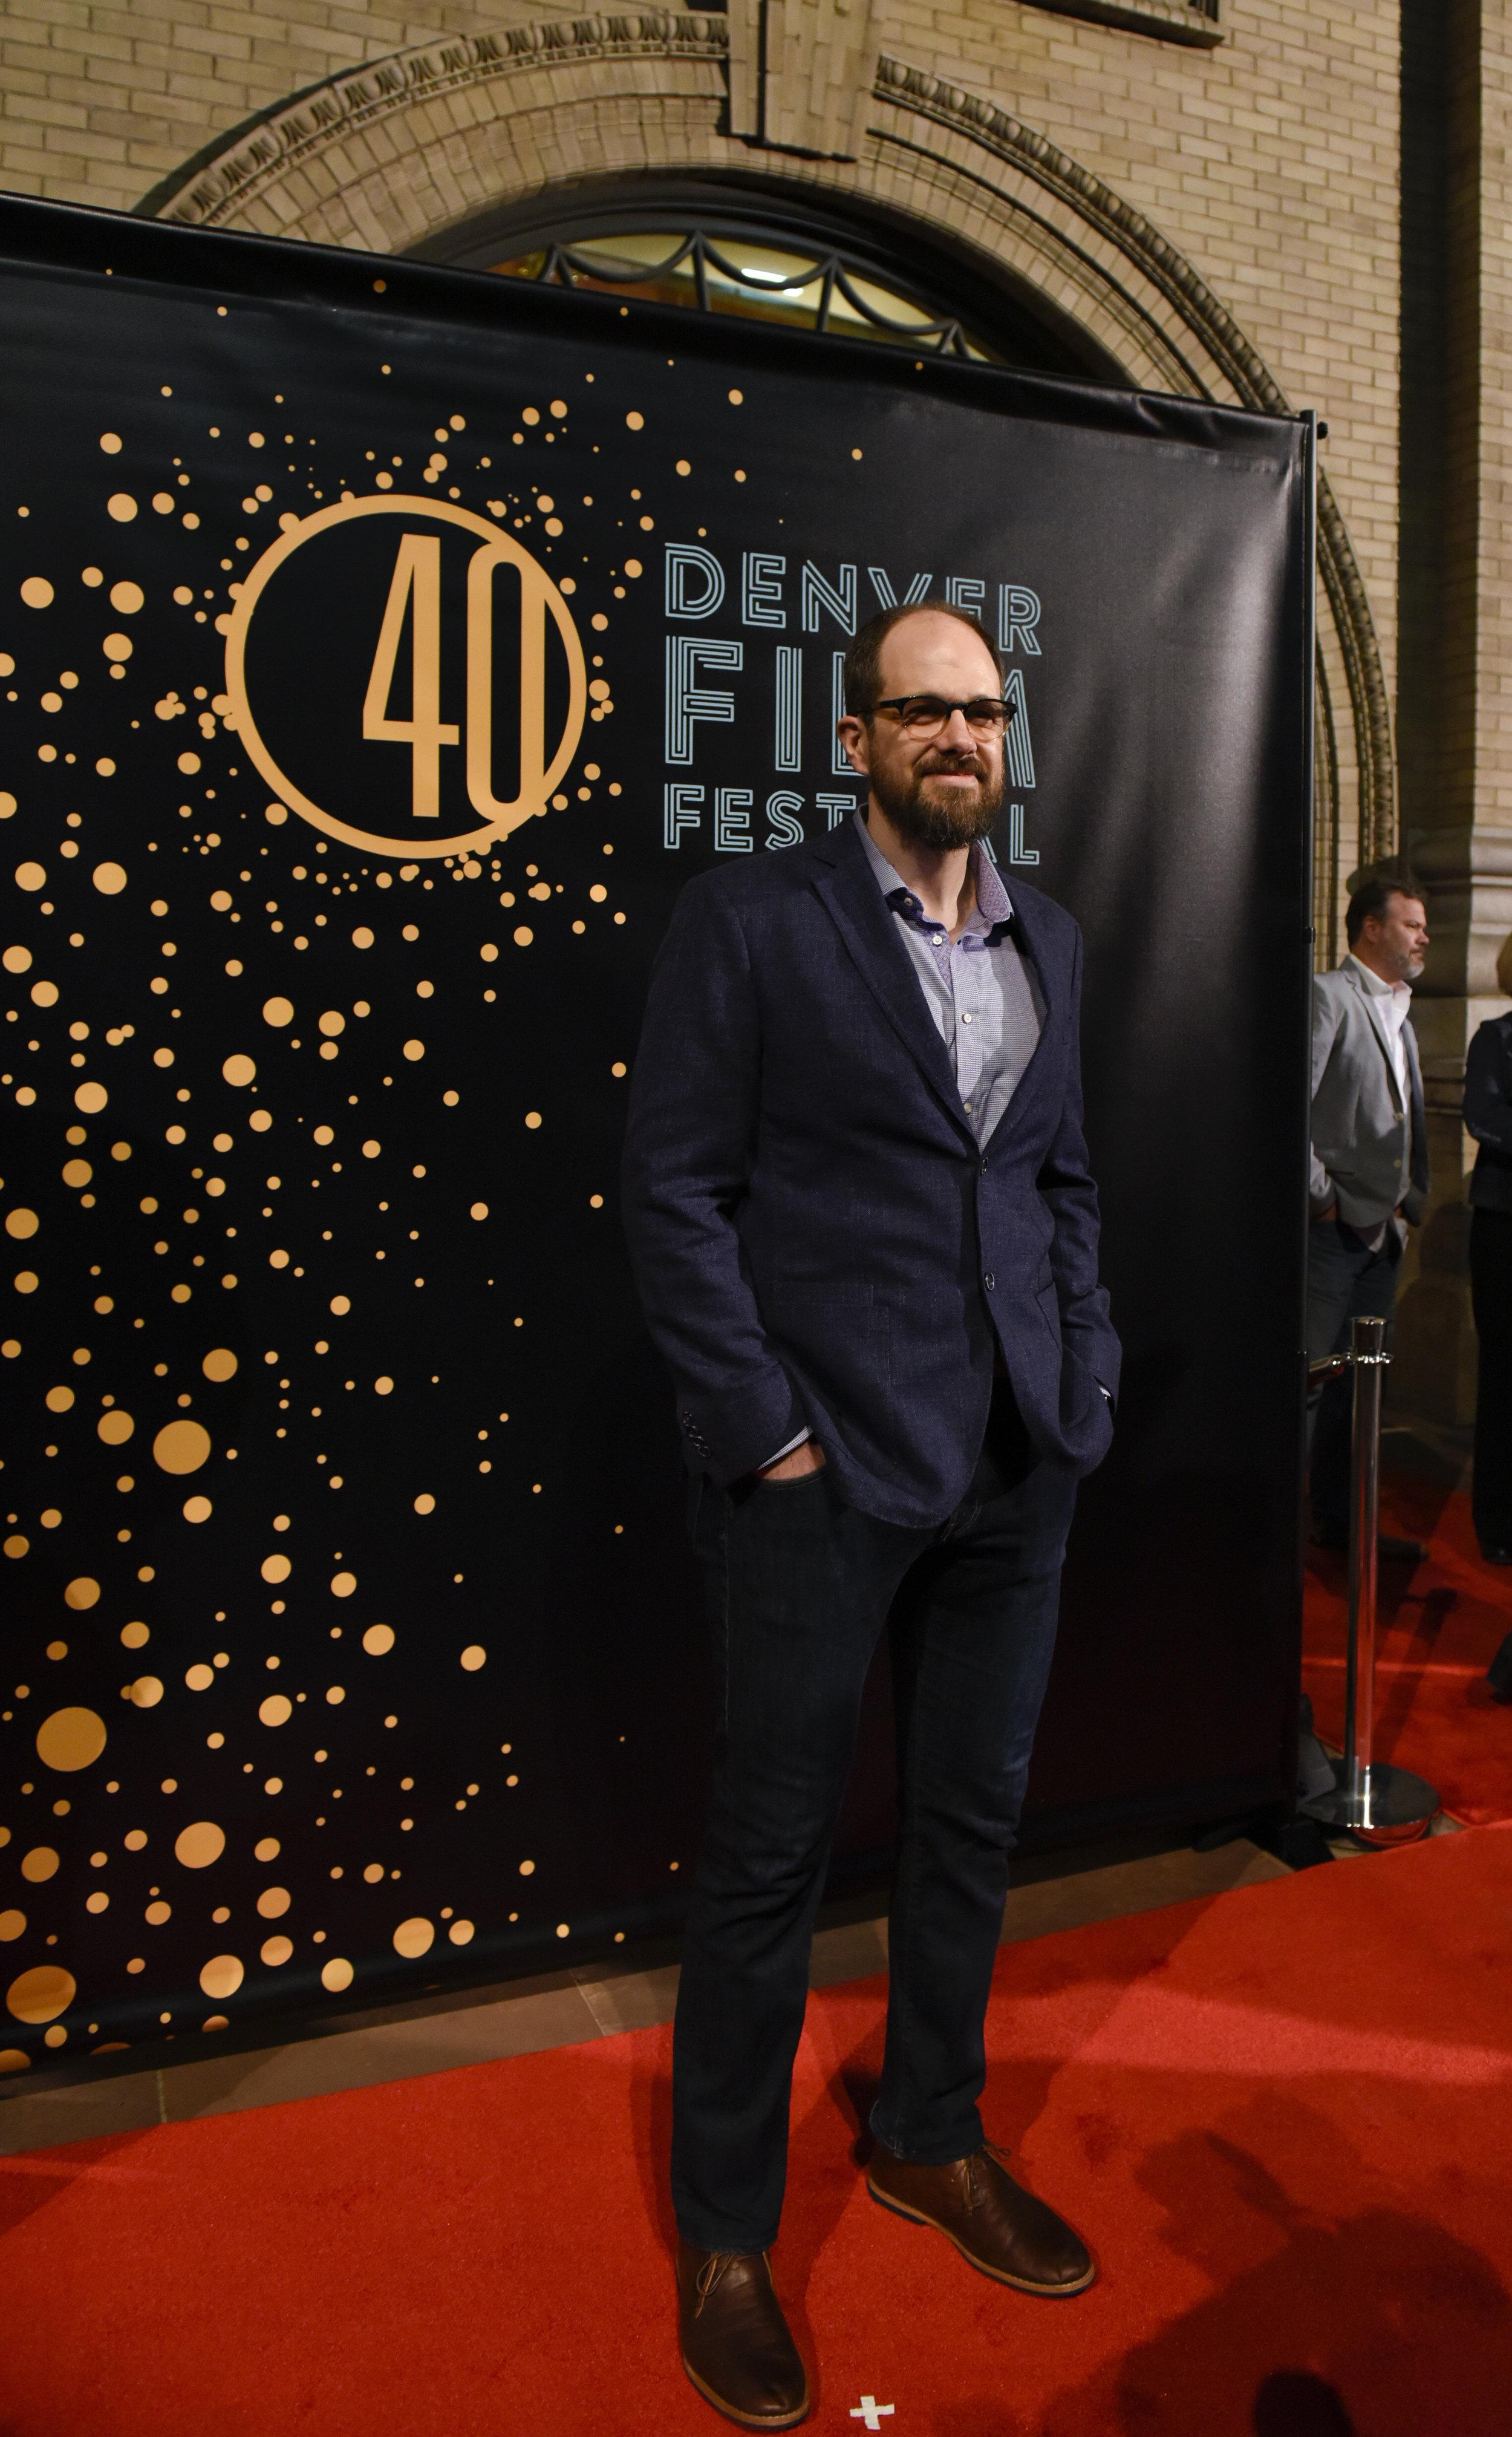 DenverFilmFestRedCarpet___CHM6513.jpg